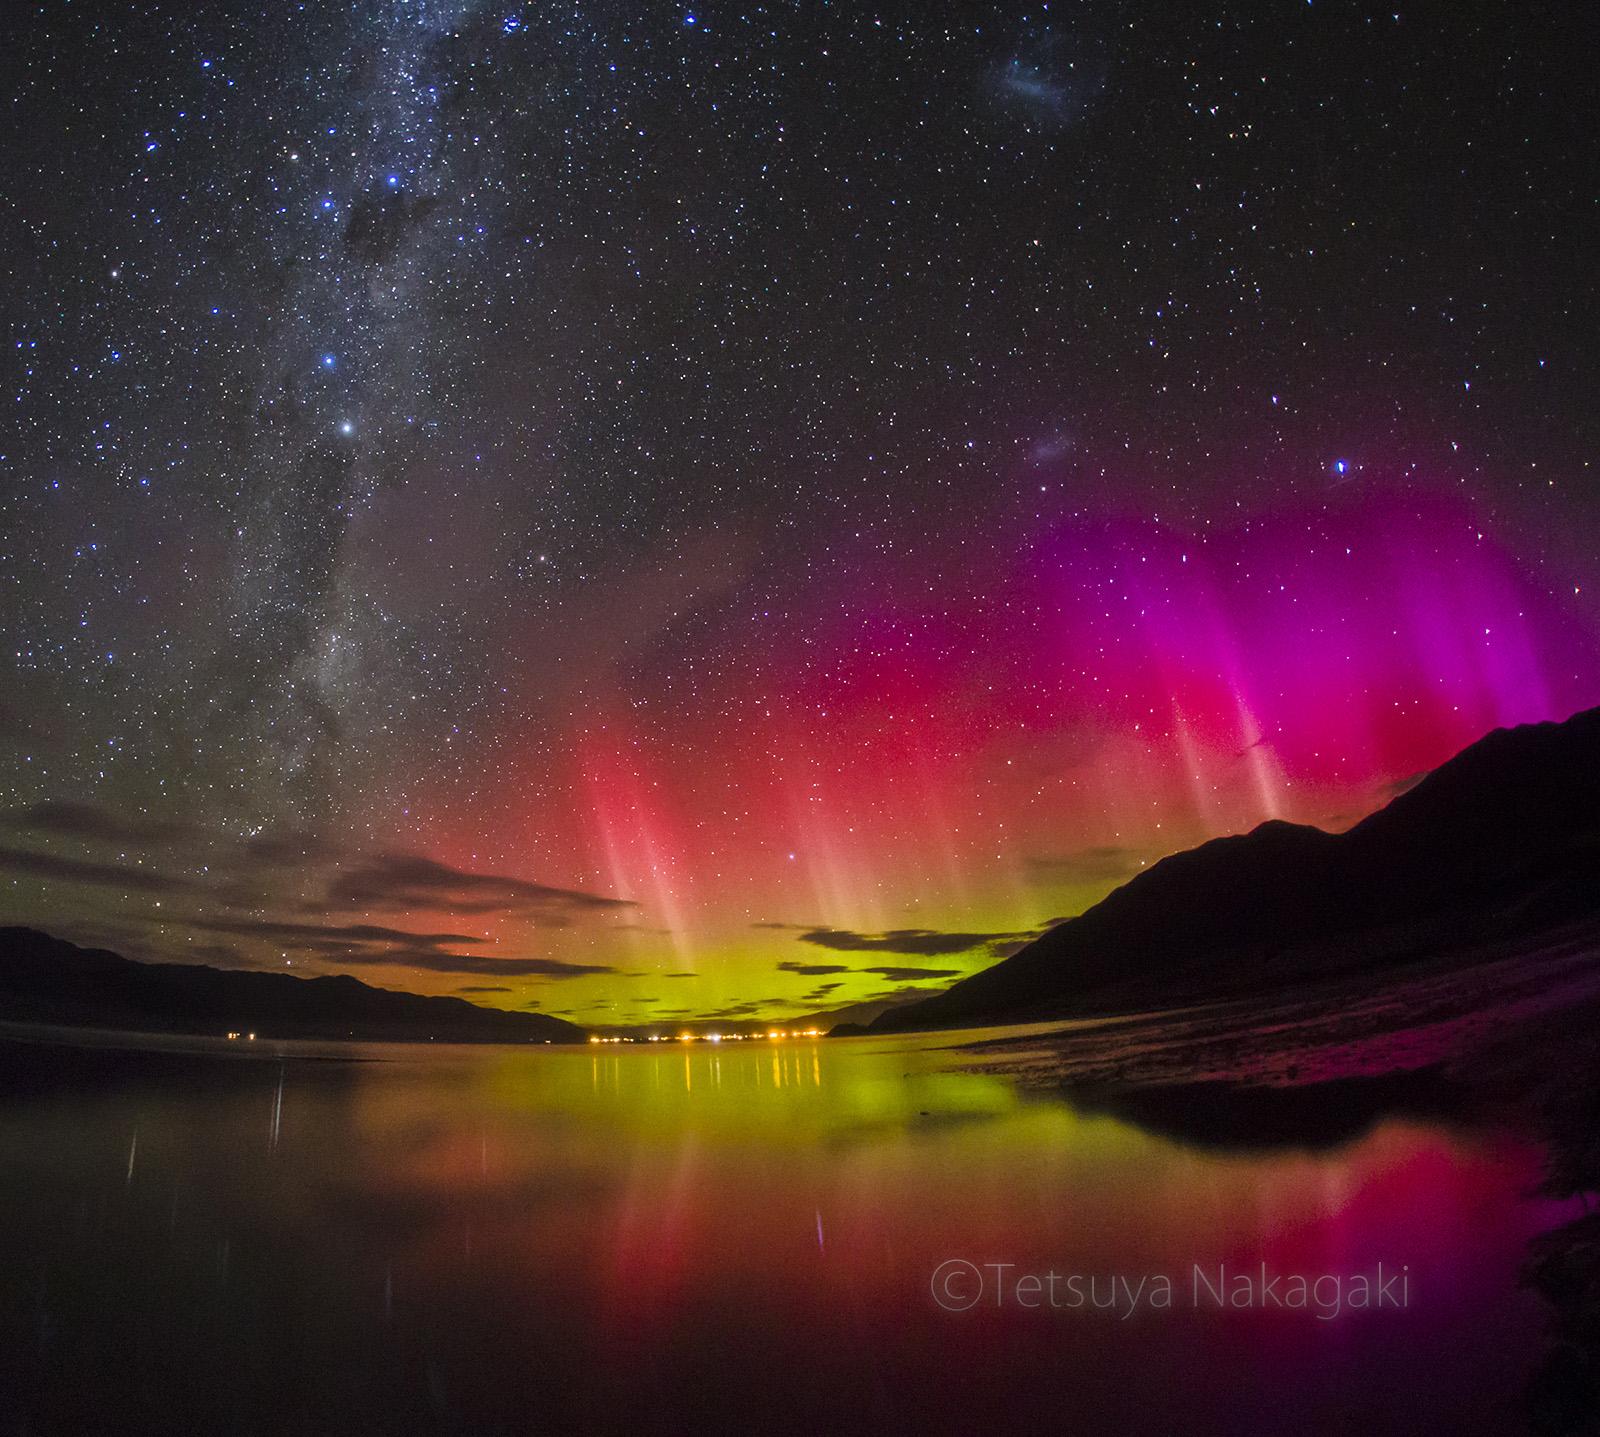 低緯度オーロラ/8秒露出 ISO8000 f2.8/ニュージーランド南島のハウェア湖にて4月16日20時ごろ